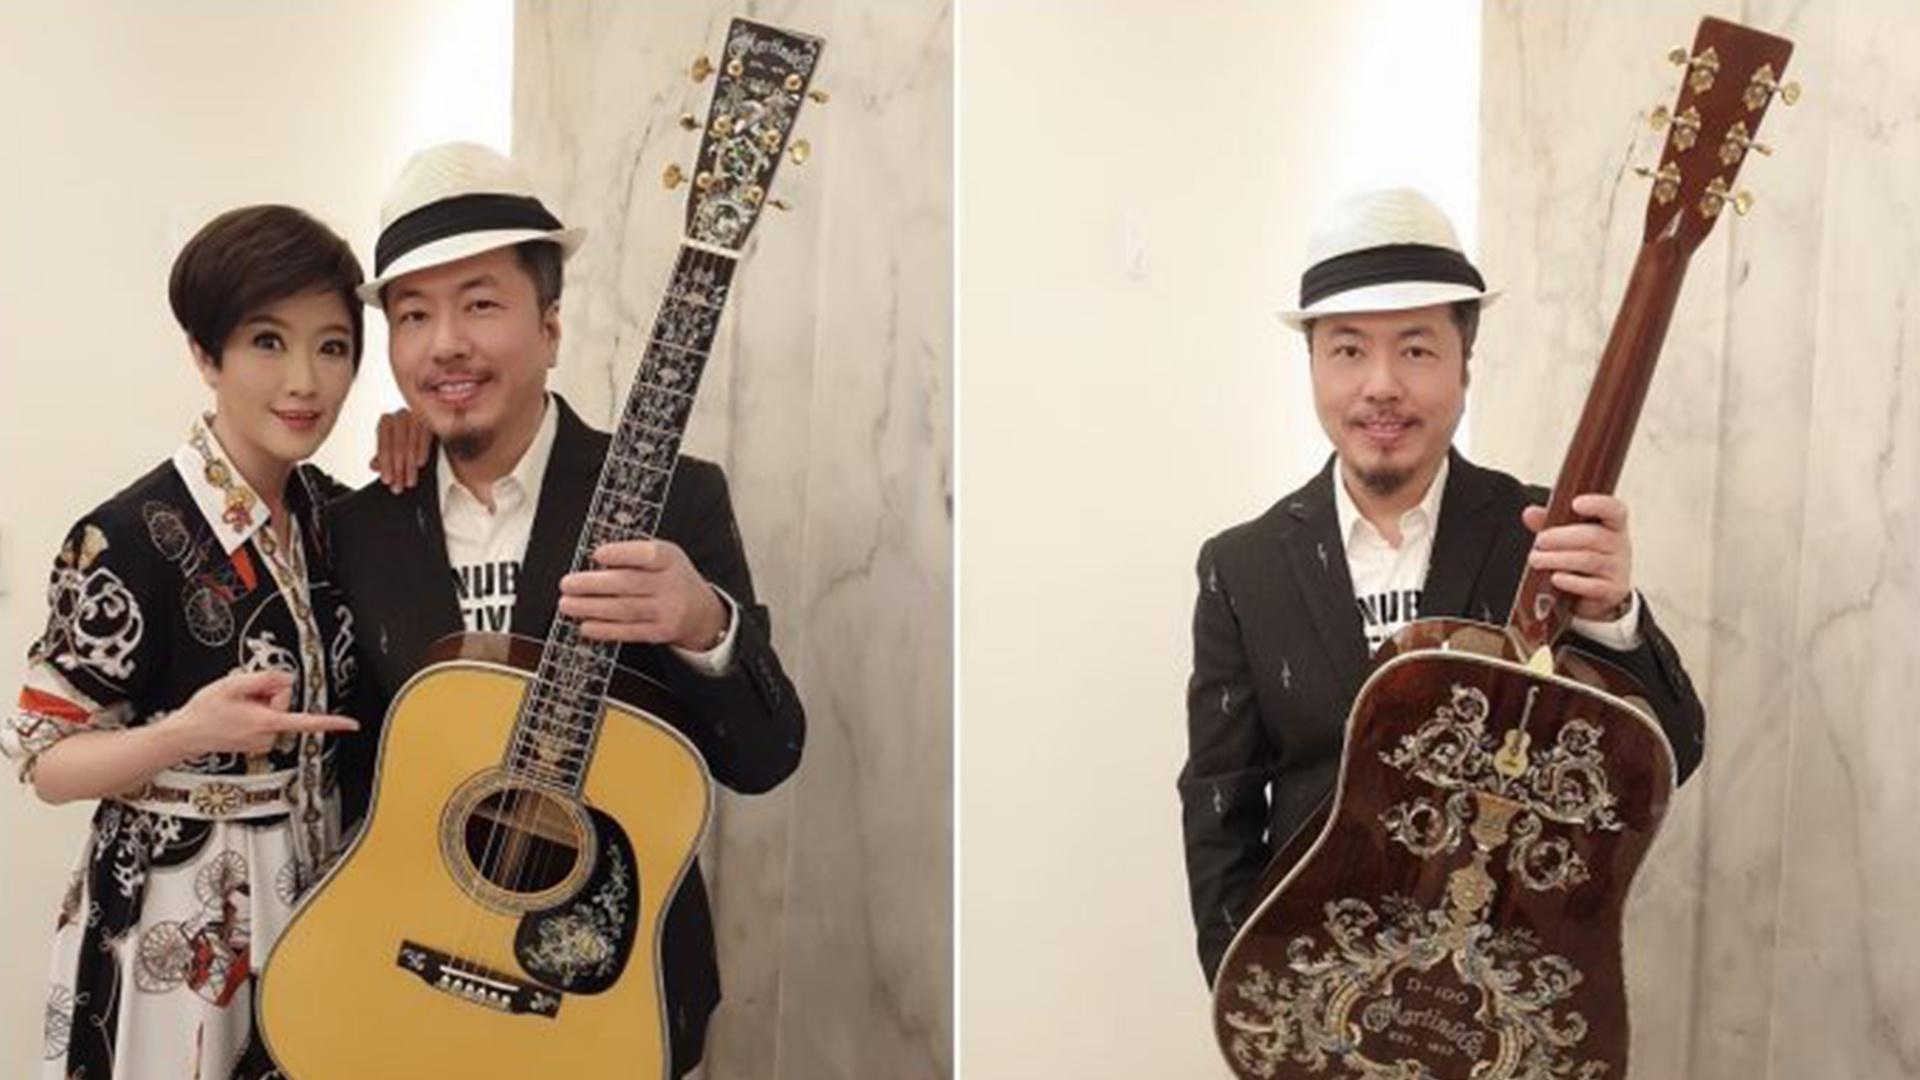 实力宠夫!寇乃馨送360万吉他给黄国伦,曾为他办演唱会亏损千万